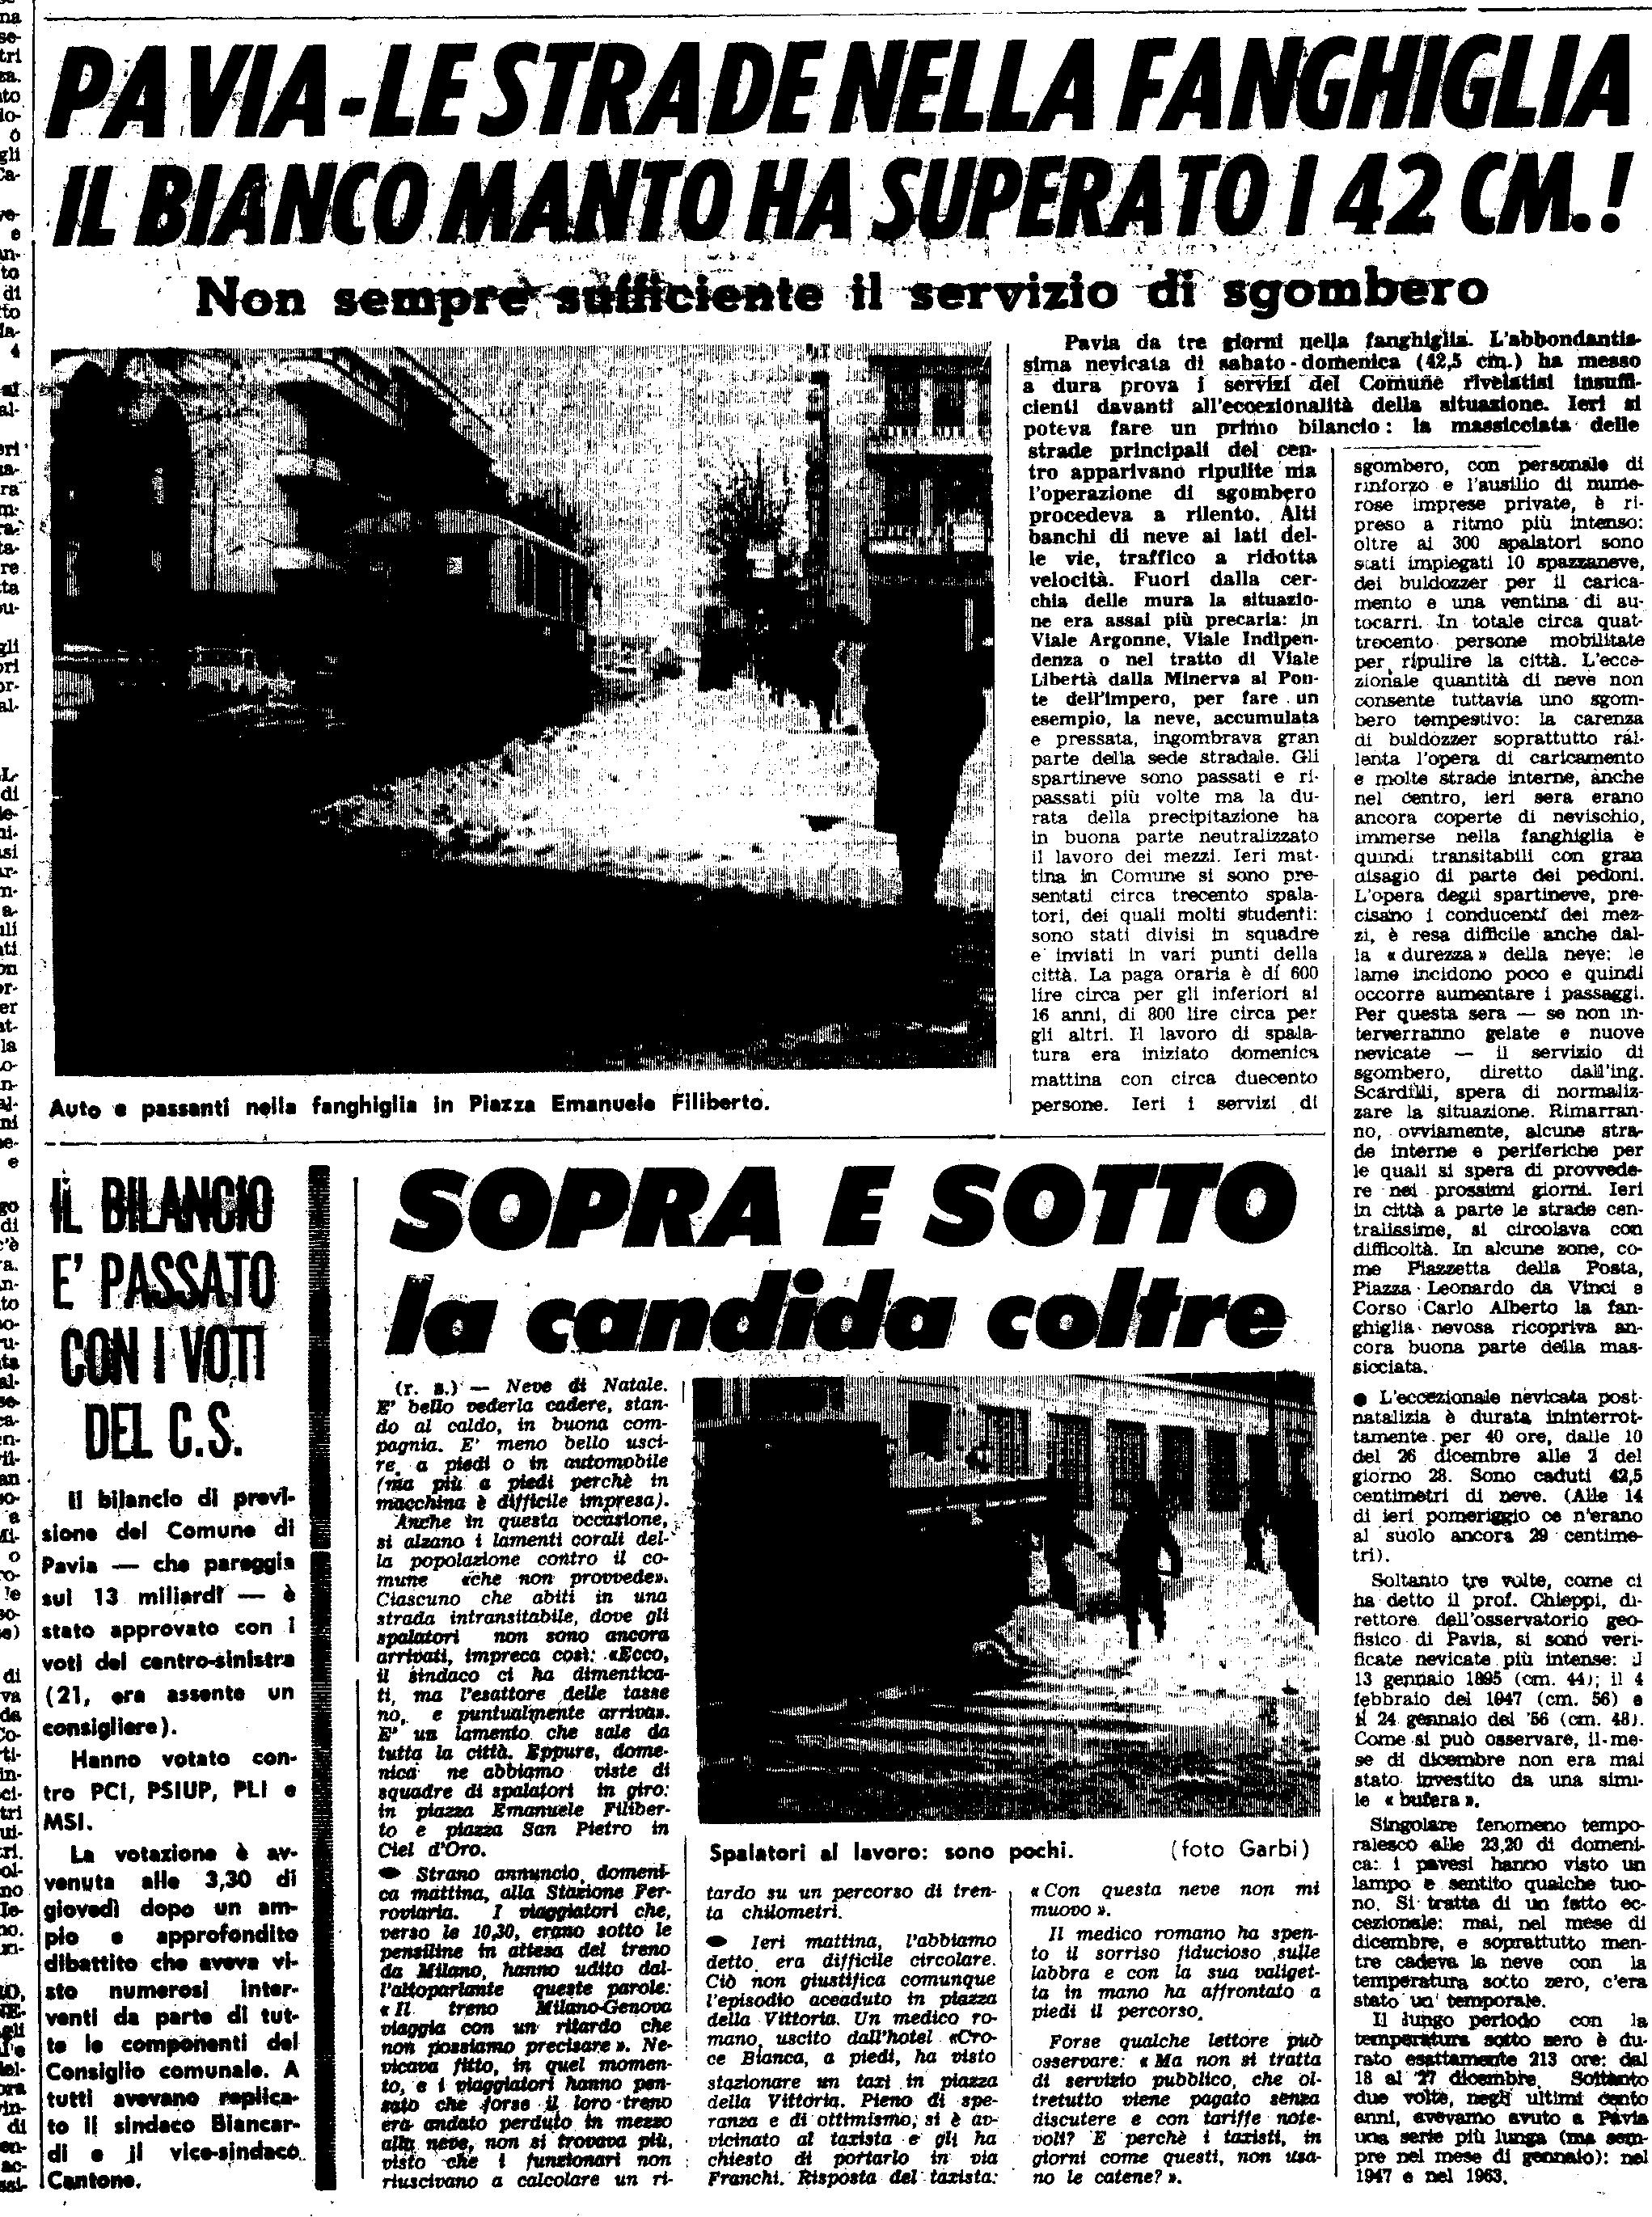 La nevicata del 29 Dicembre 1970 ripresa da un articolo de